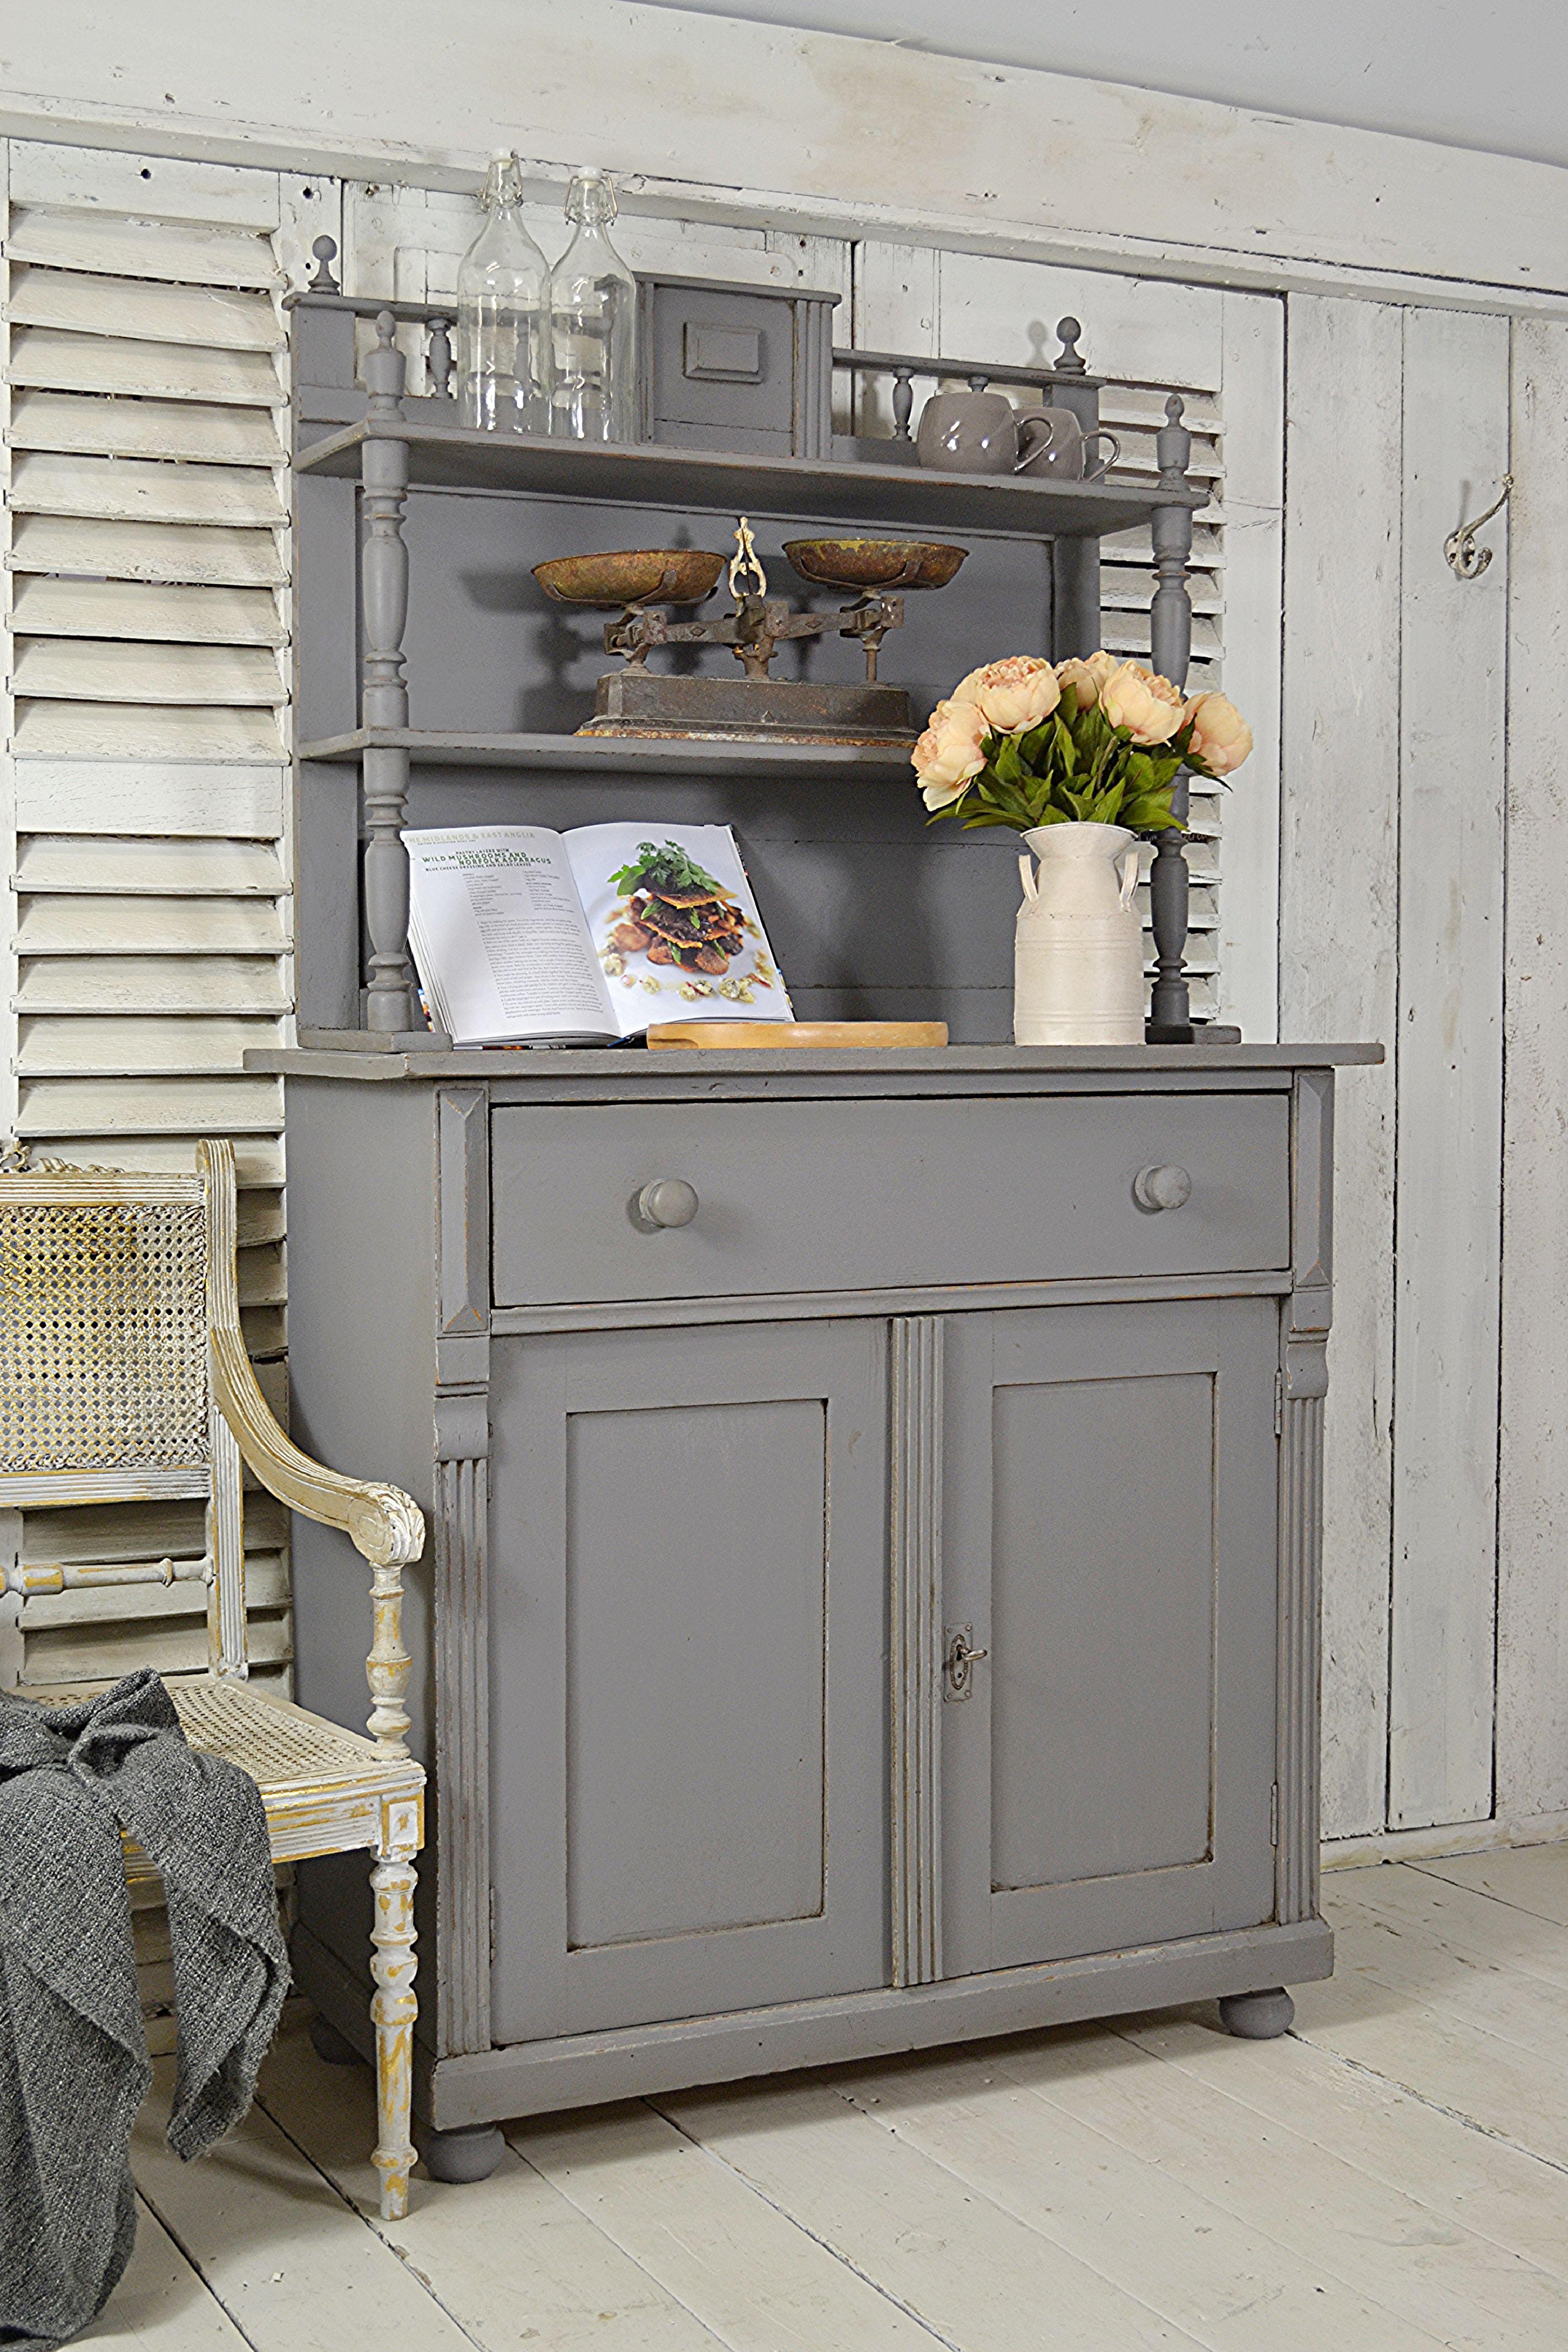 Letstrove we love this dutch storage dresser which has handy